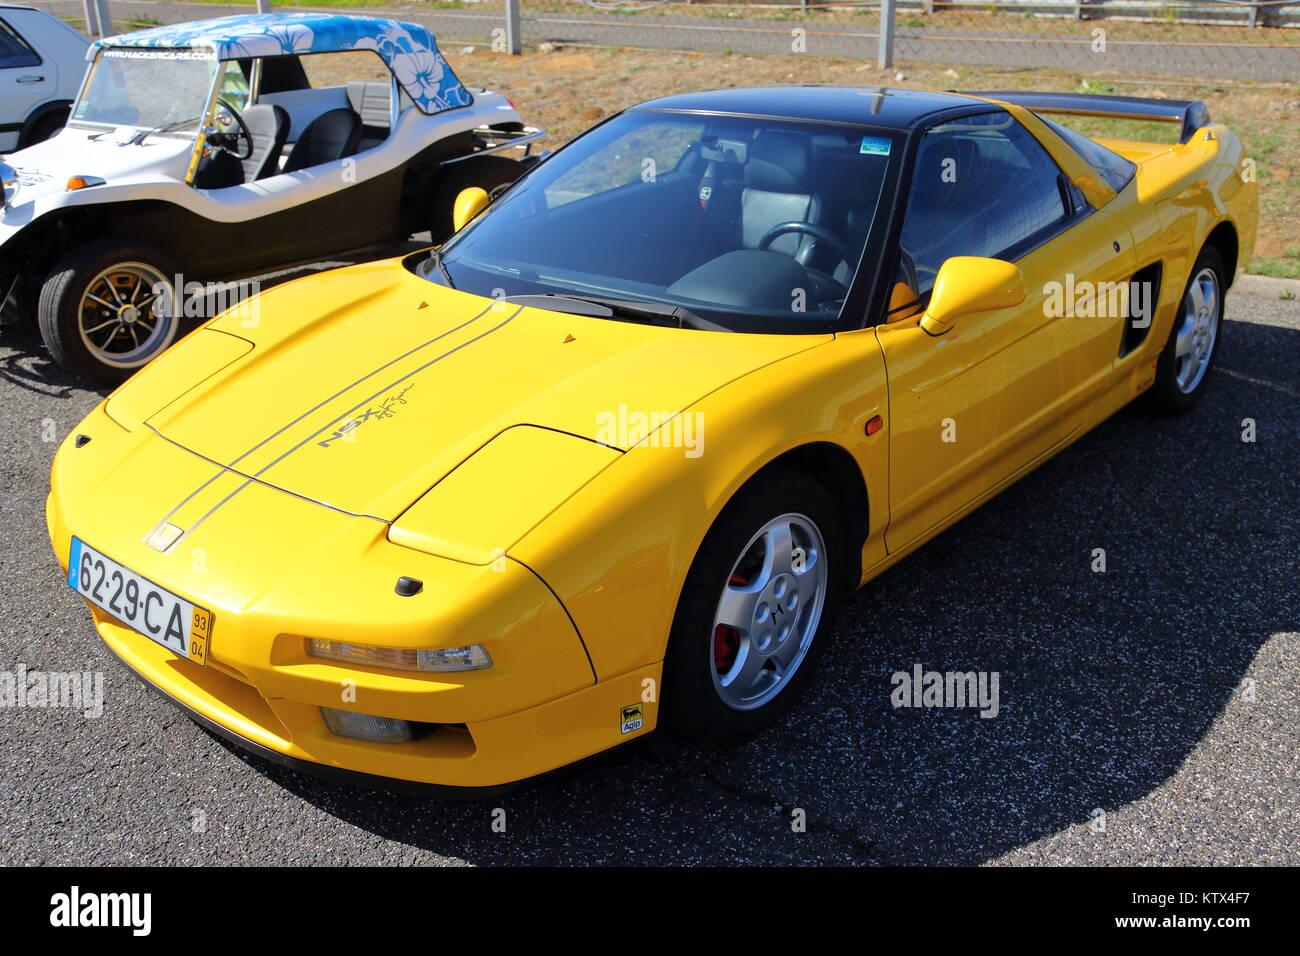 Eine gelbe Honda NSX-Sportwagen auf der Rennstrecke von Estoril in Portugal Stockbild